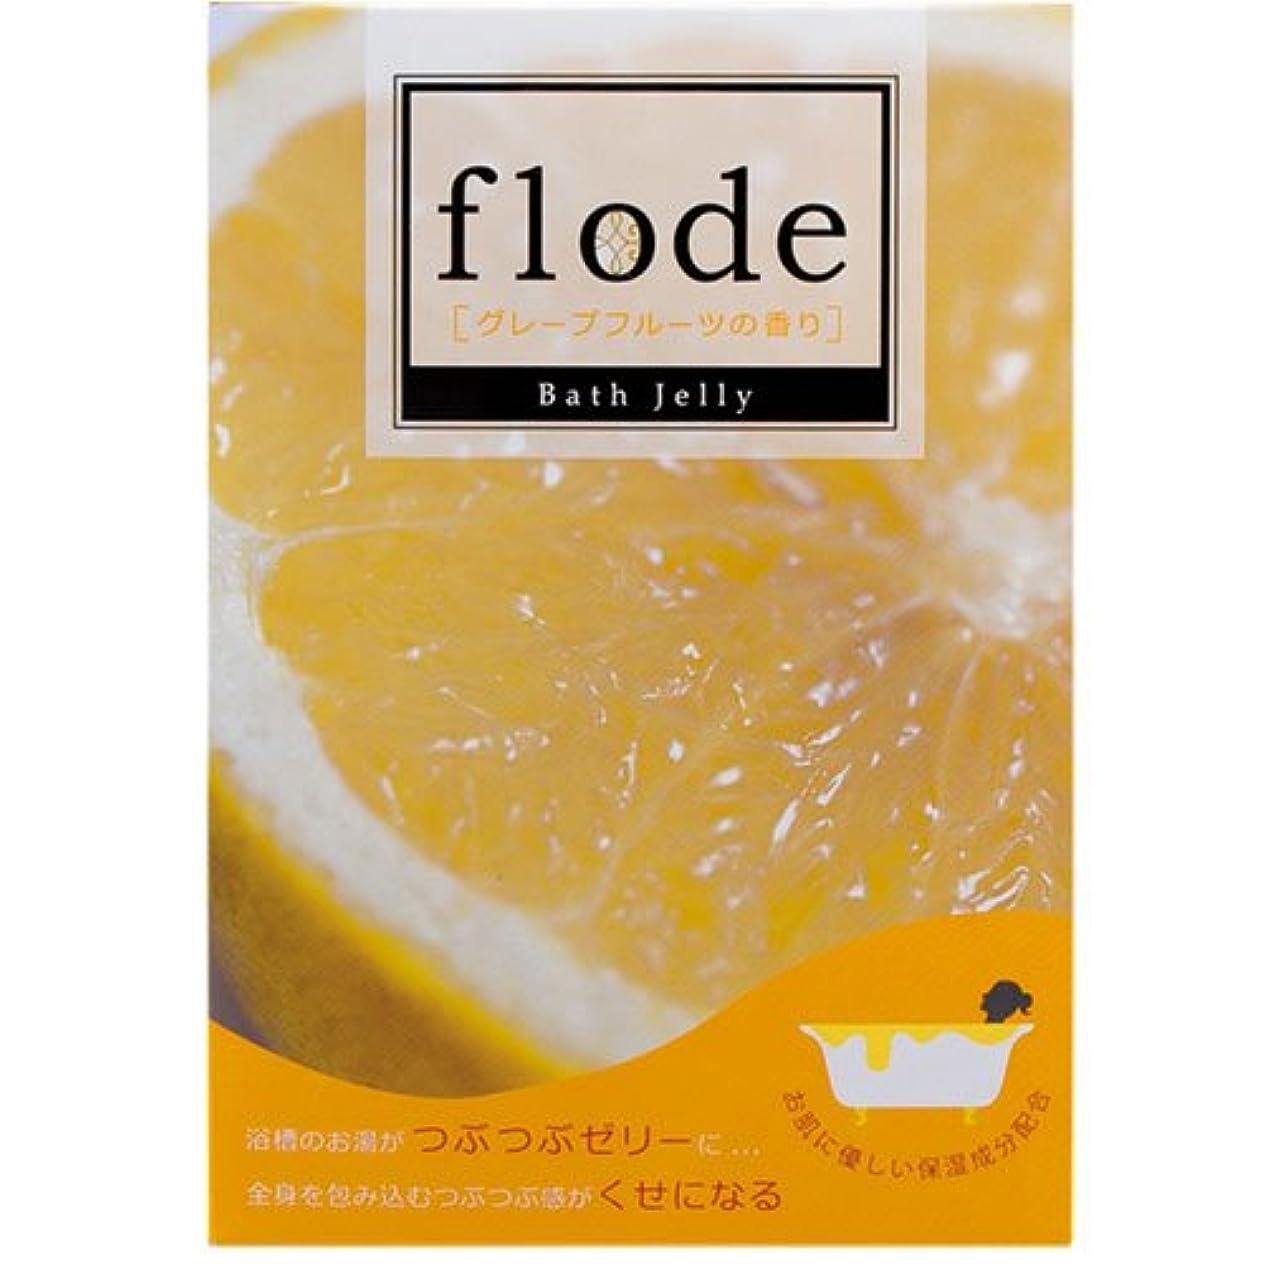 フック体細胞見積り【フローデ バスゼリー グレープフルーツの香り】